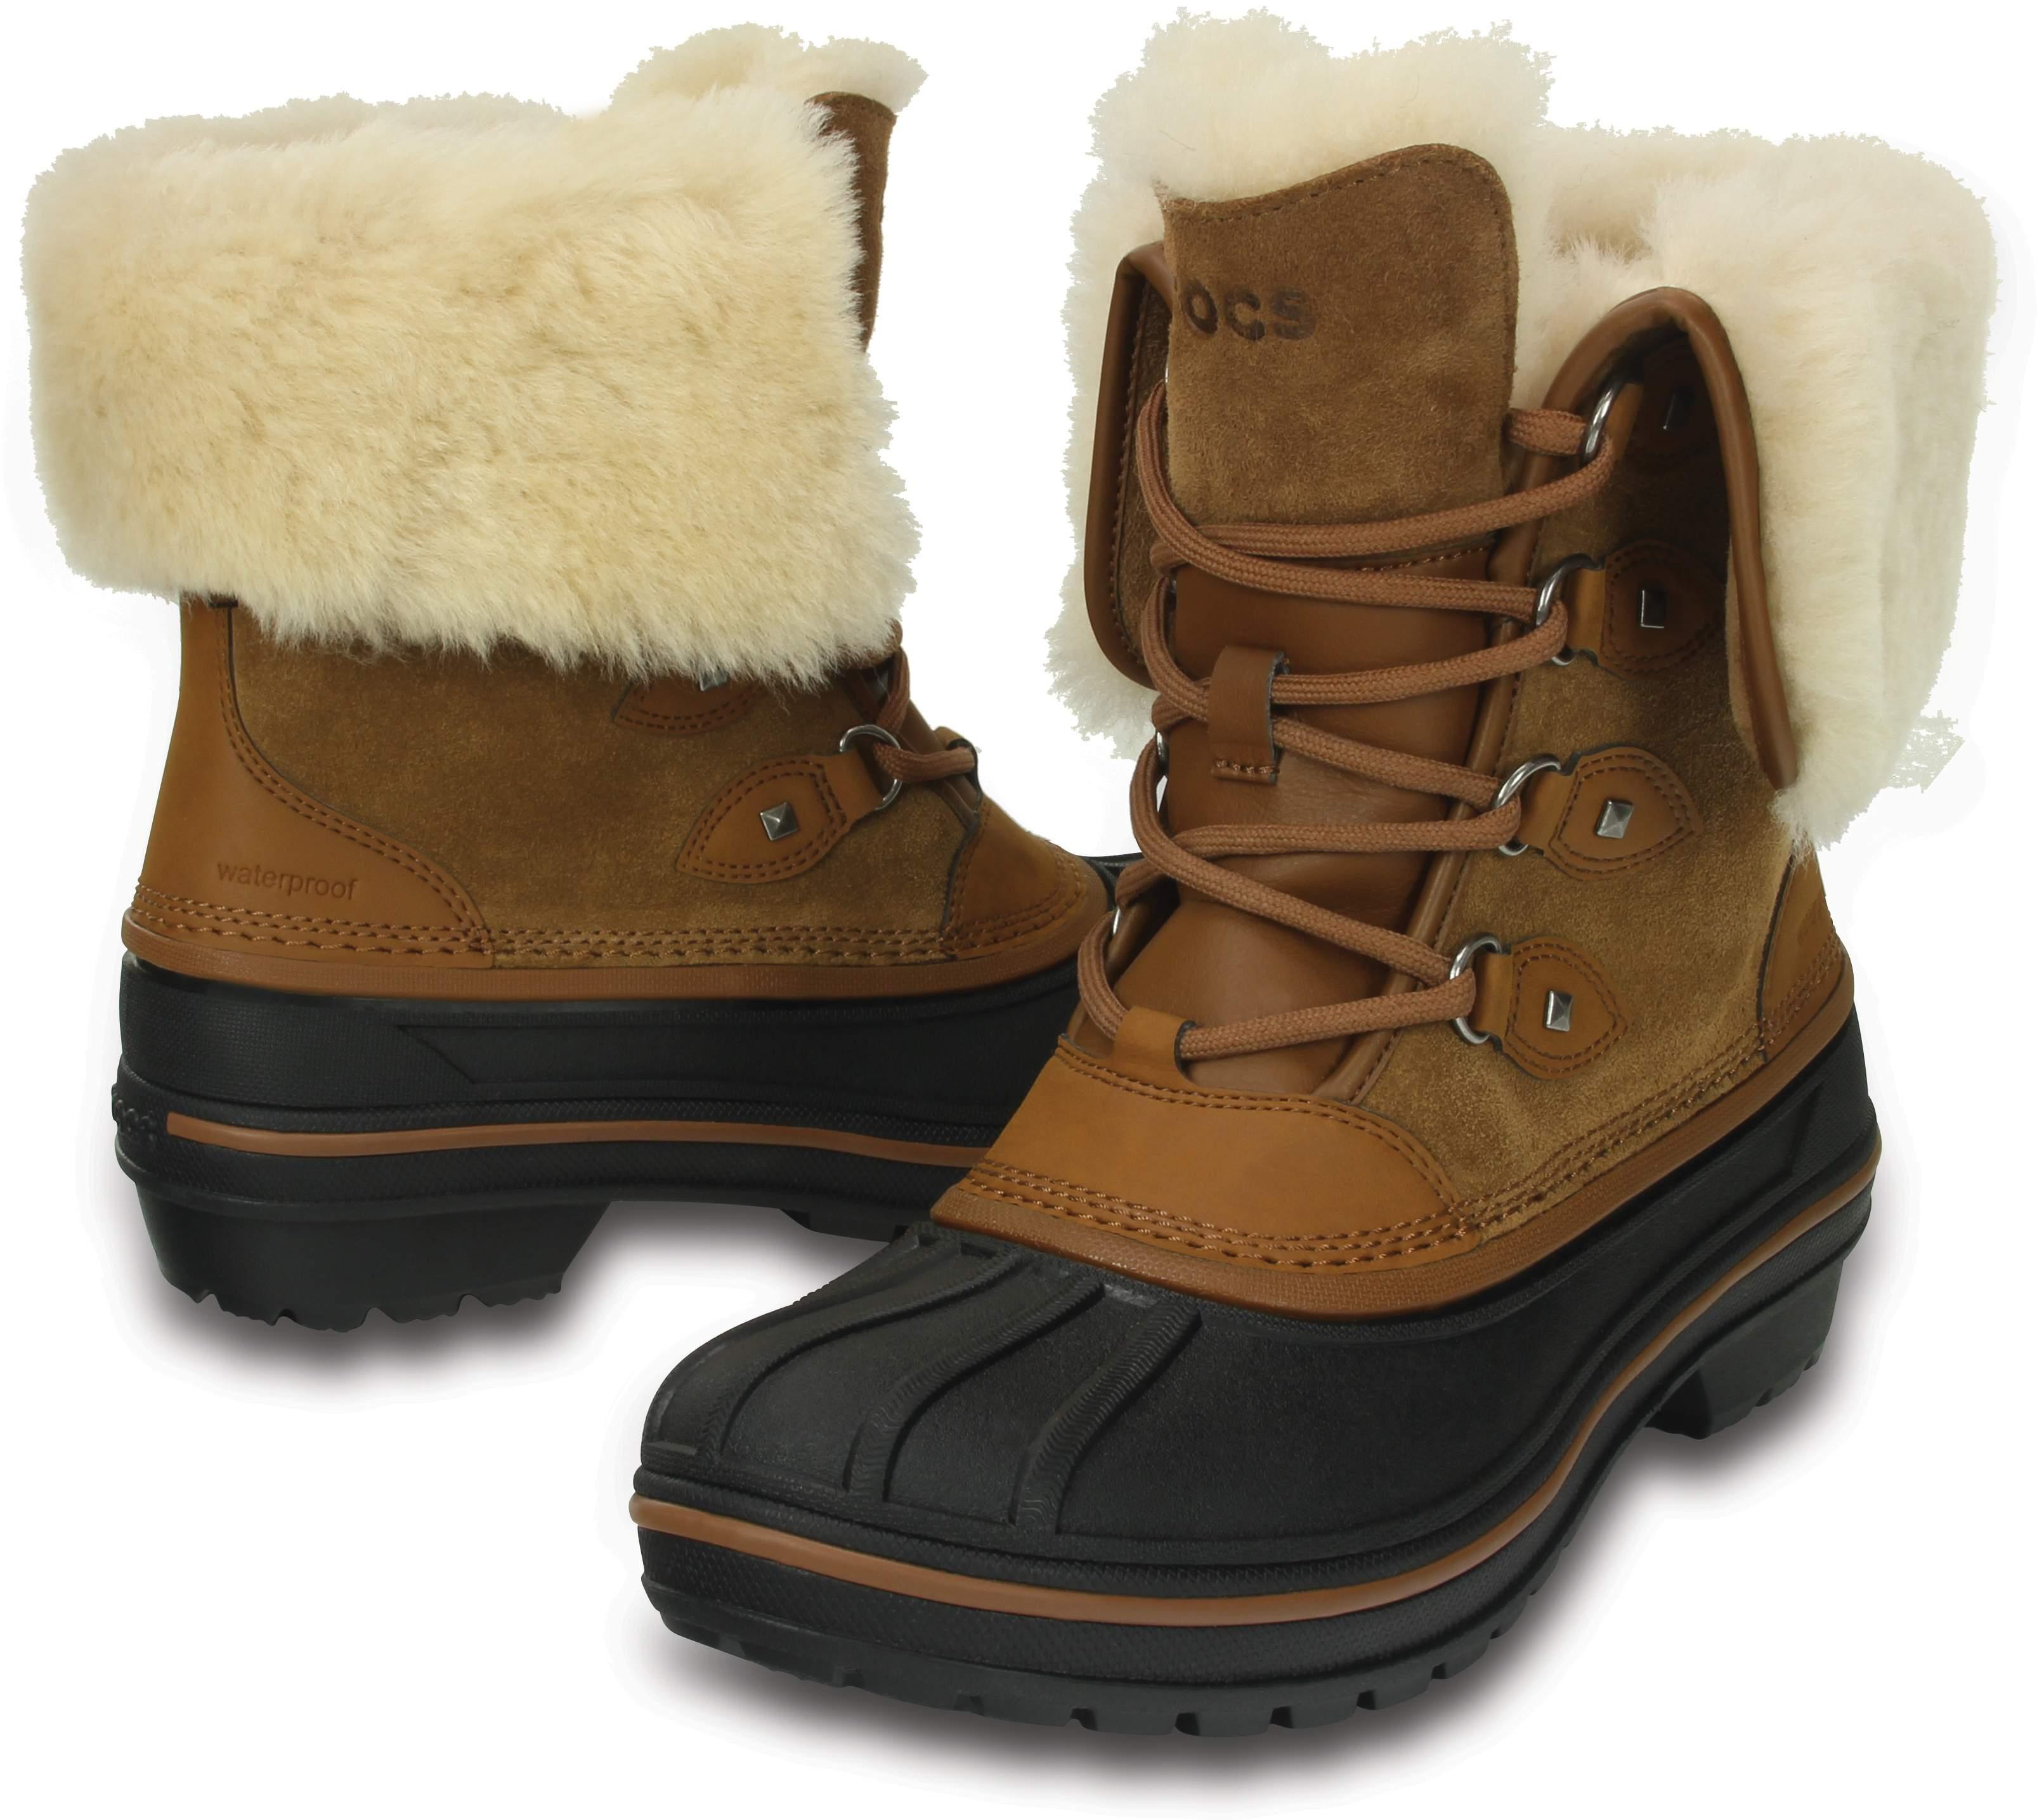 Crocs AllCast II Women's ... Waterproof Winter Boots